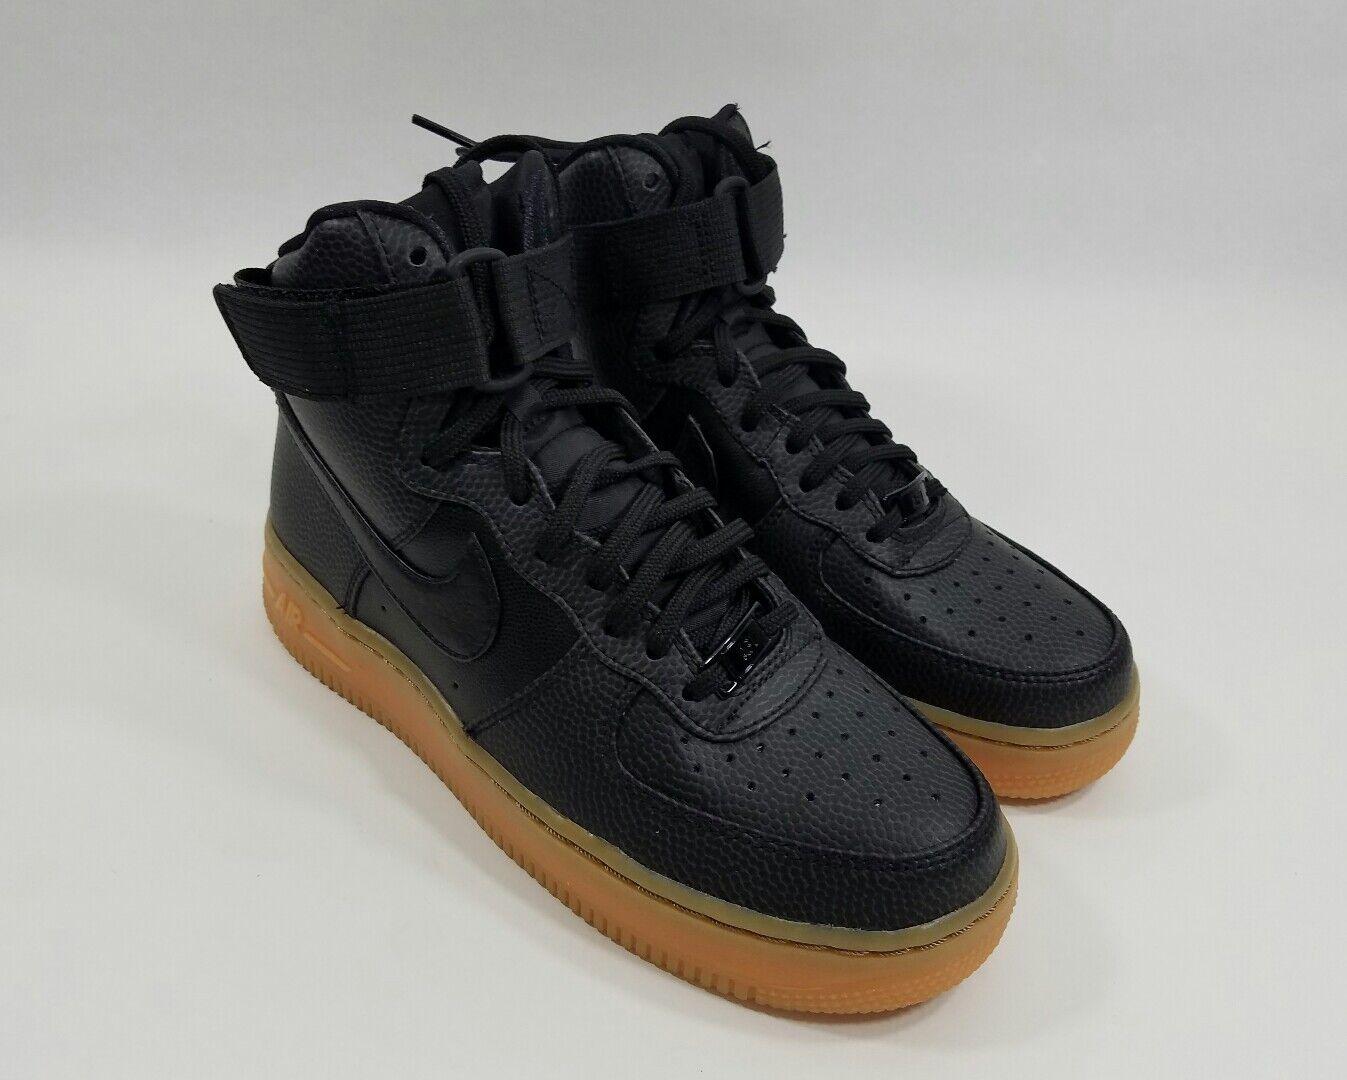 Nike air force 1 hi se 860544-002 860544-002 860544-002 nero grigio scuro gomma scarpe da donna nuova sz 6 245f37